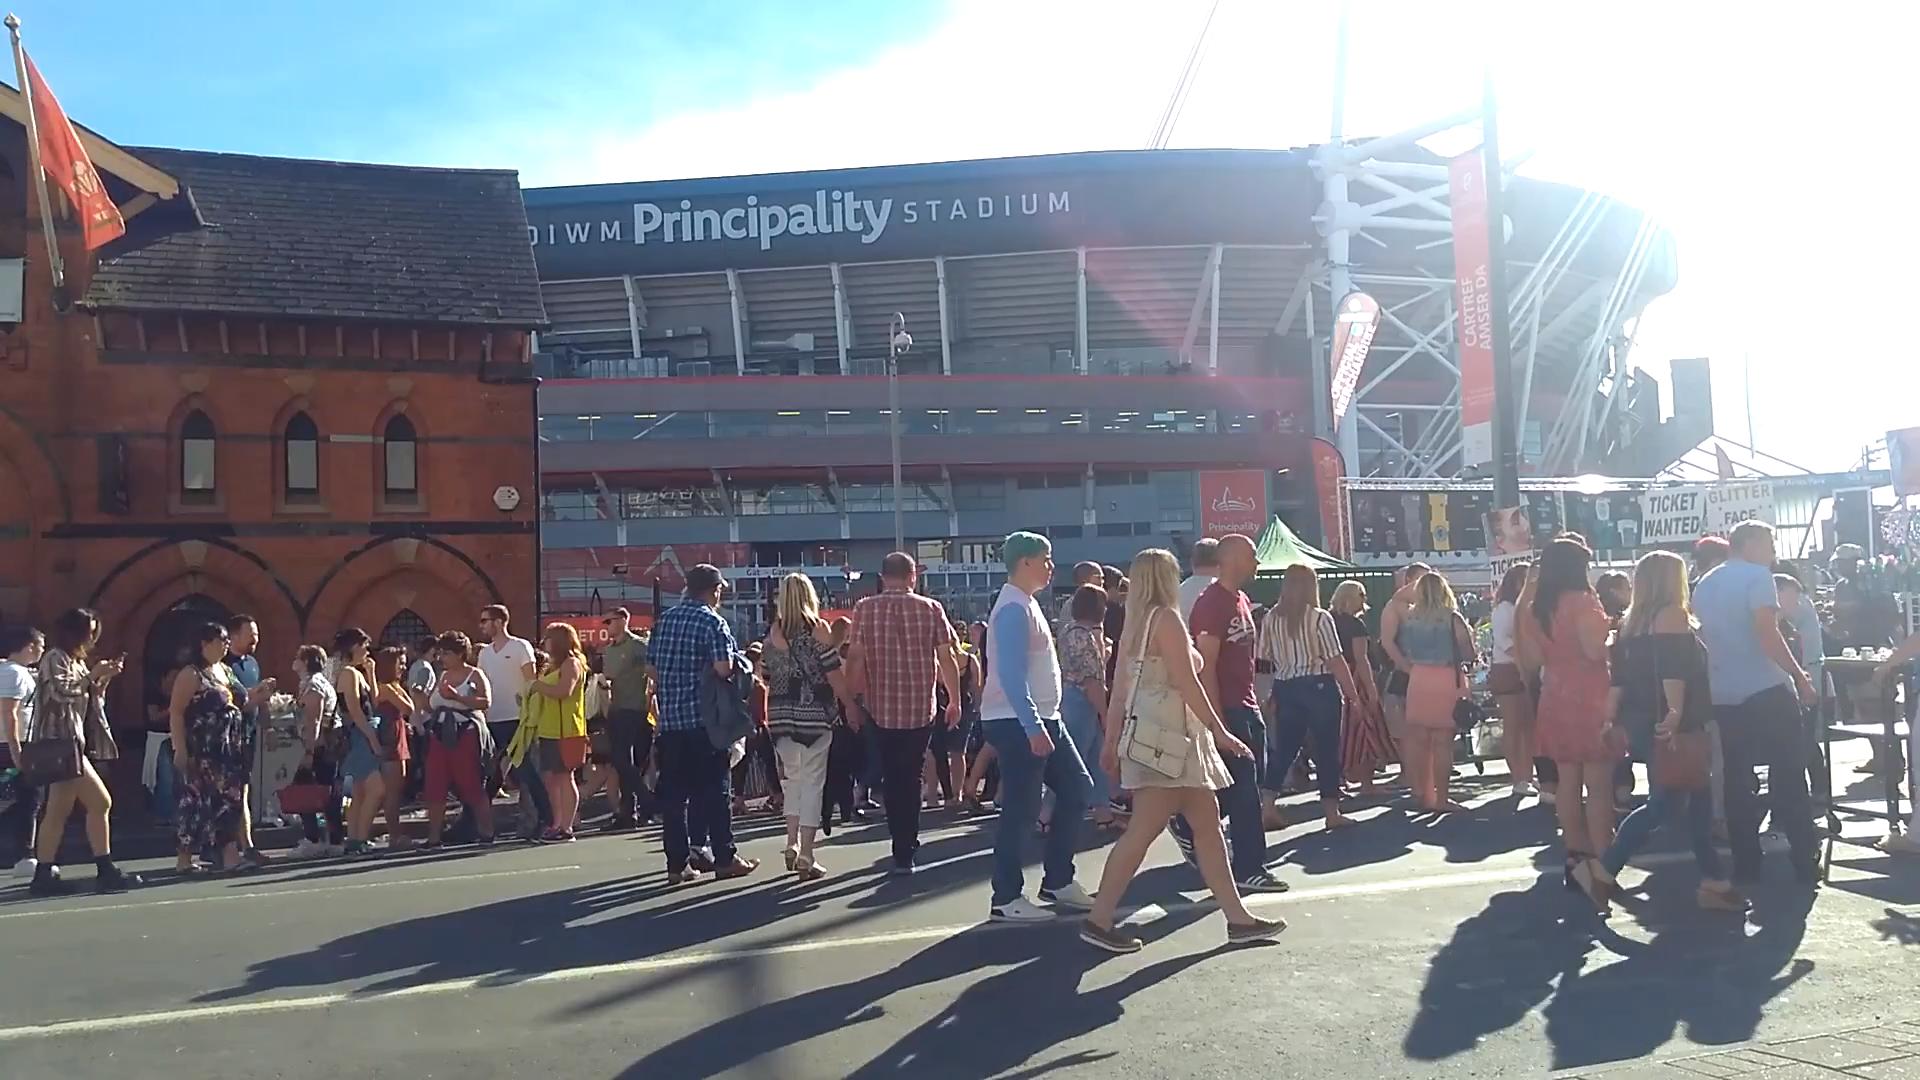 Scene outside the stadium before the final gigi